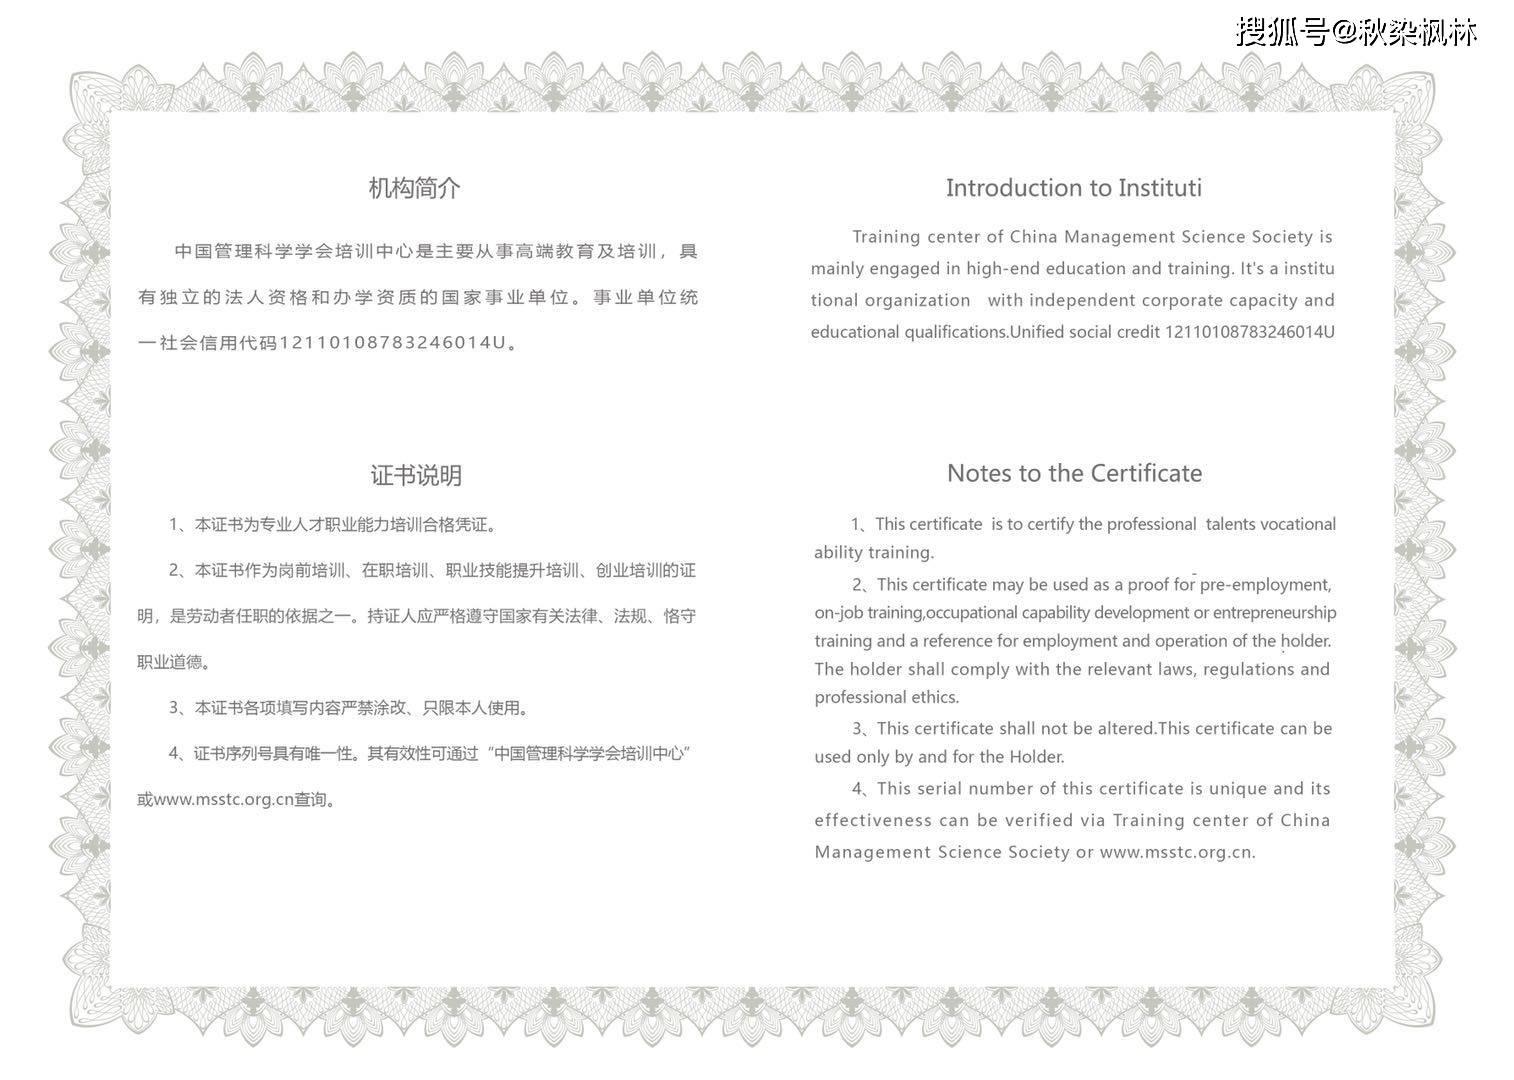 技师职业资格证书图片